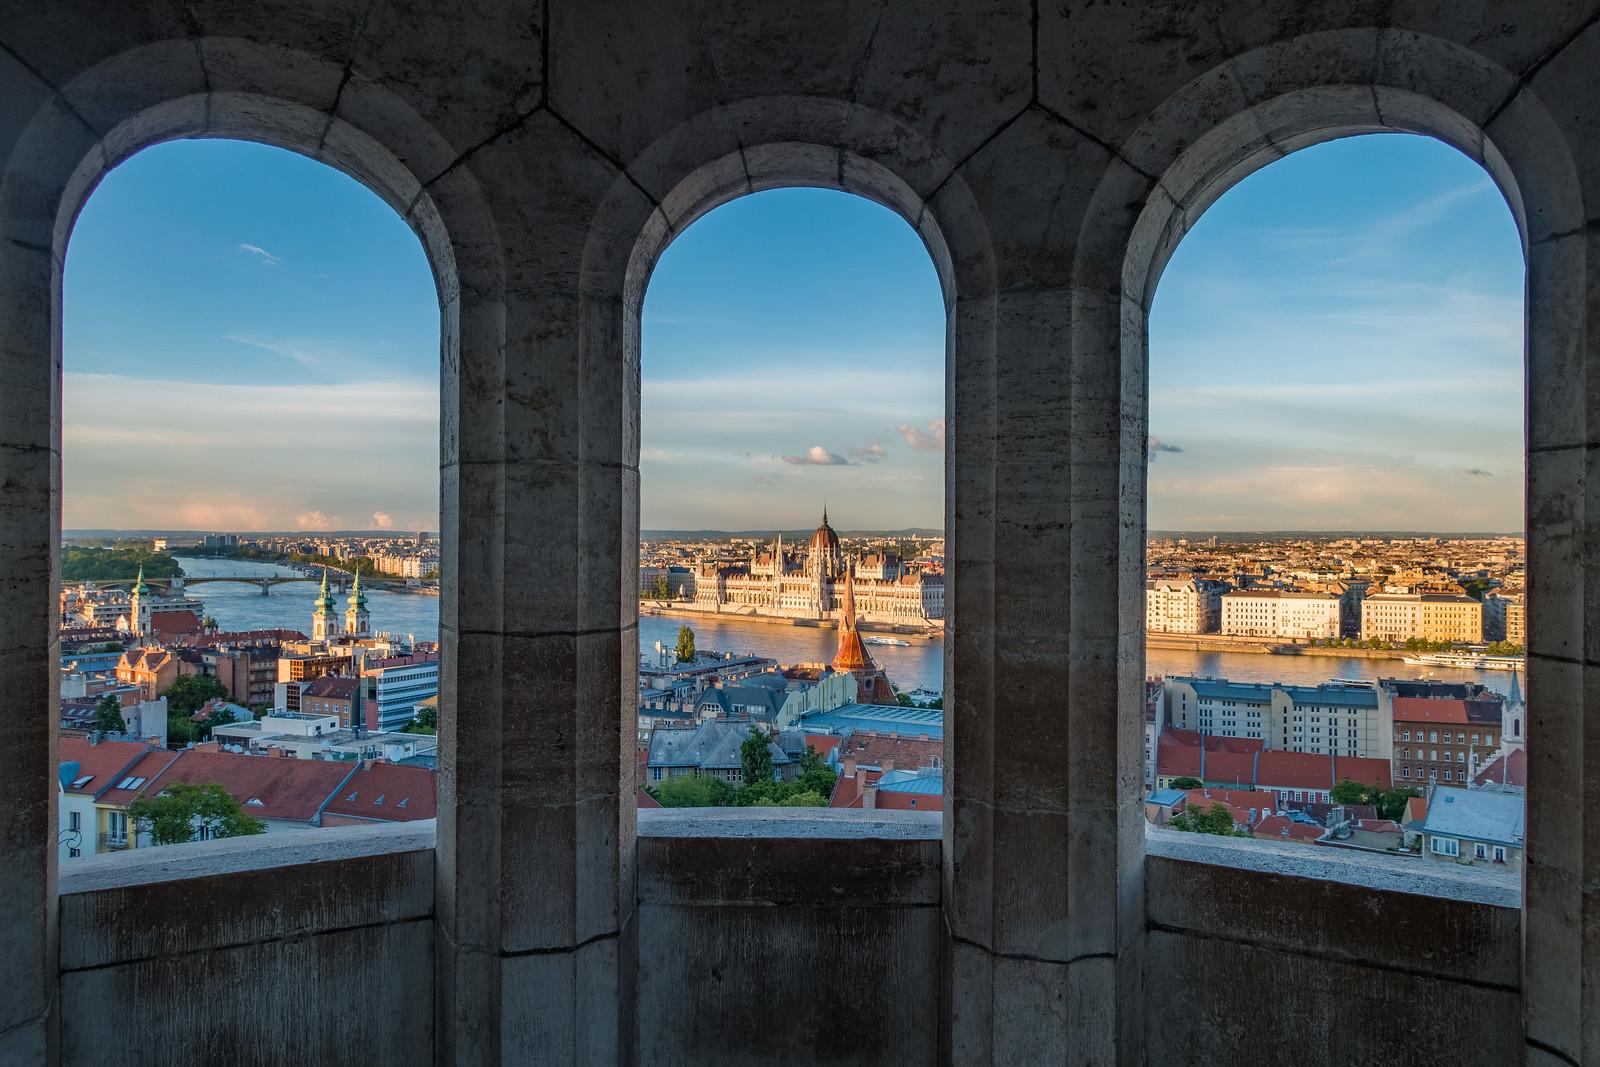 Budapest a Halászbástya ablakain át